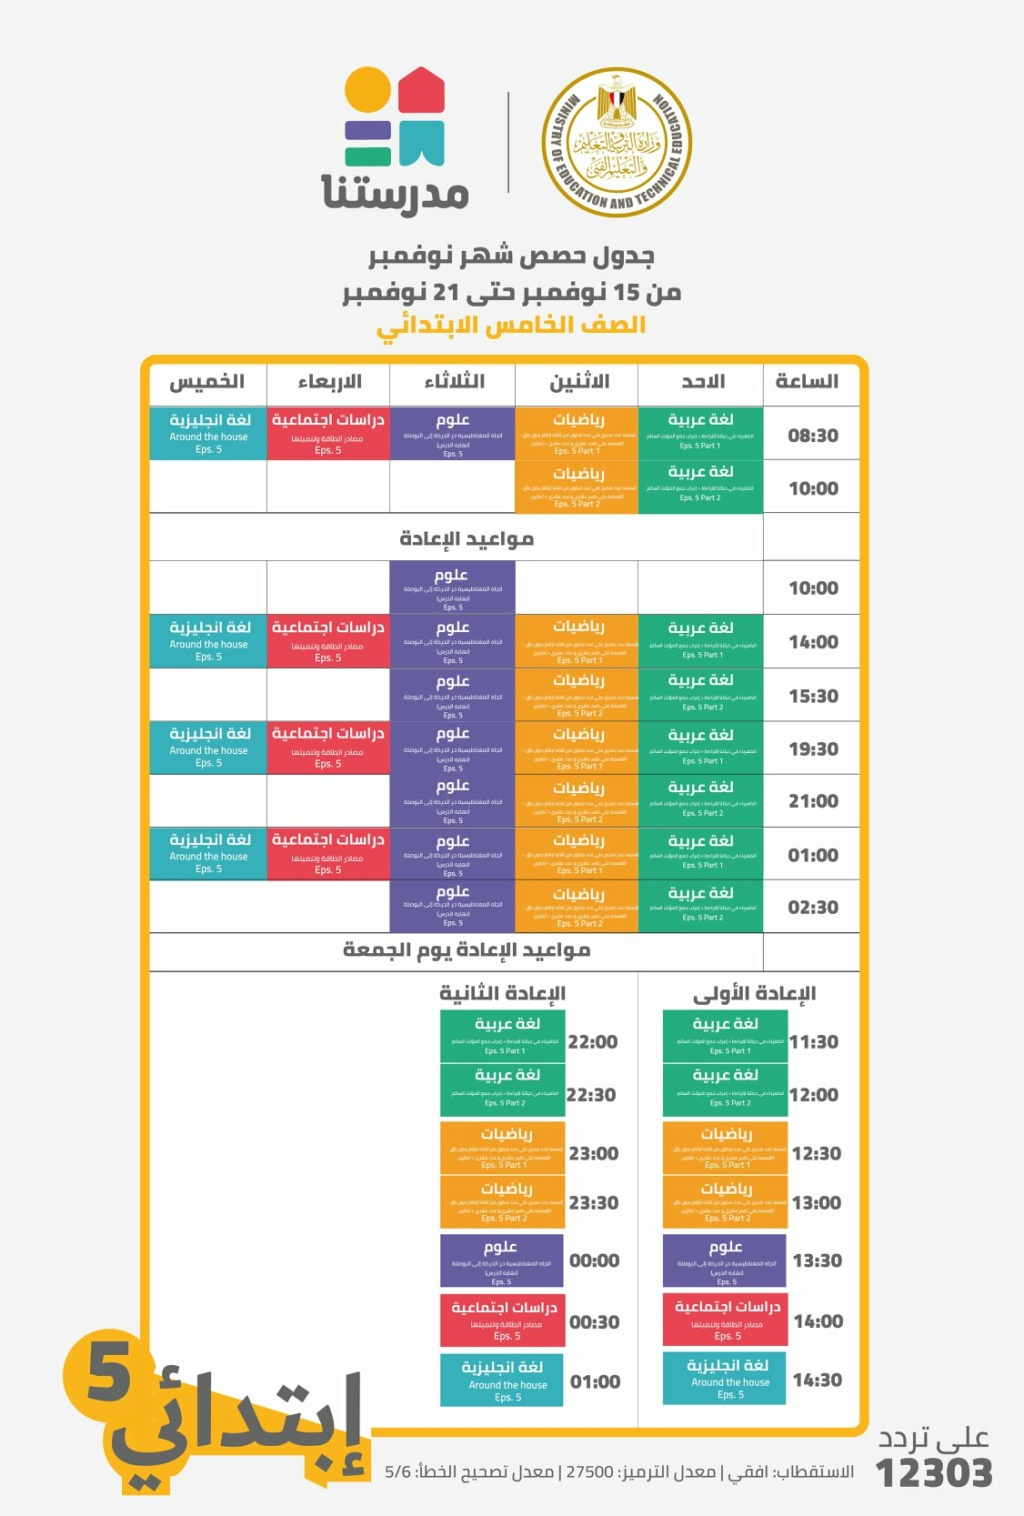 قناة مدرستنا l جدول حصص الأسبوع الخامس من الأحد 15 نوفمبر حتى السبت 21 نوفمبر 21835